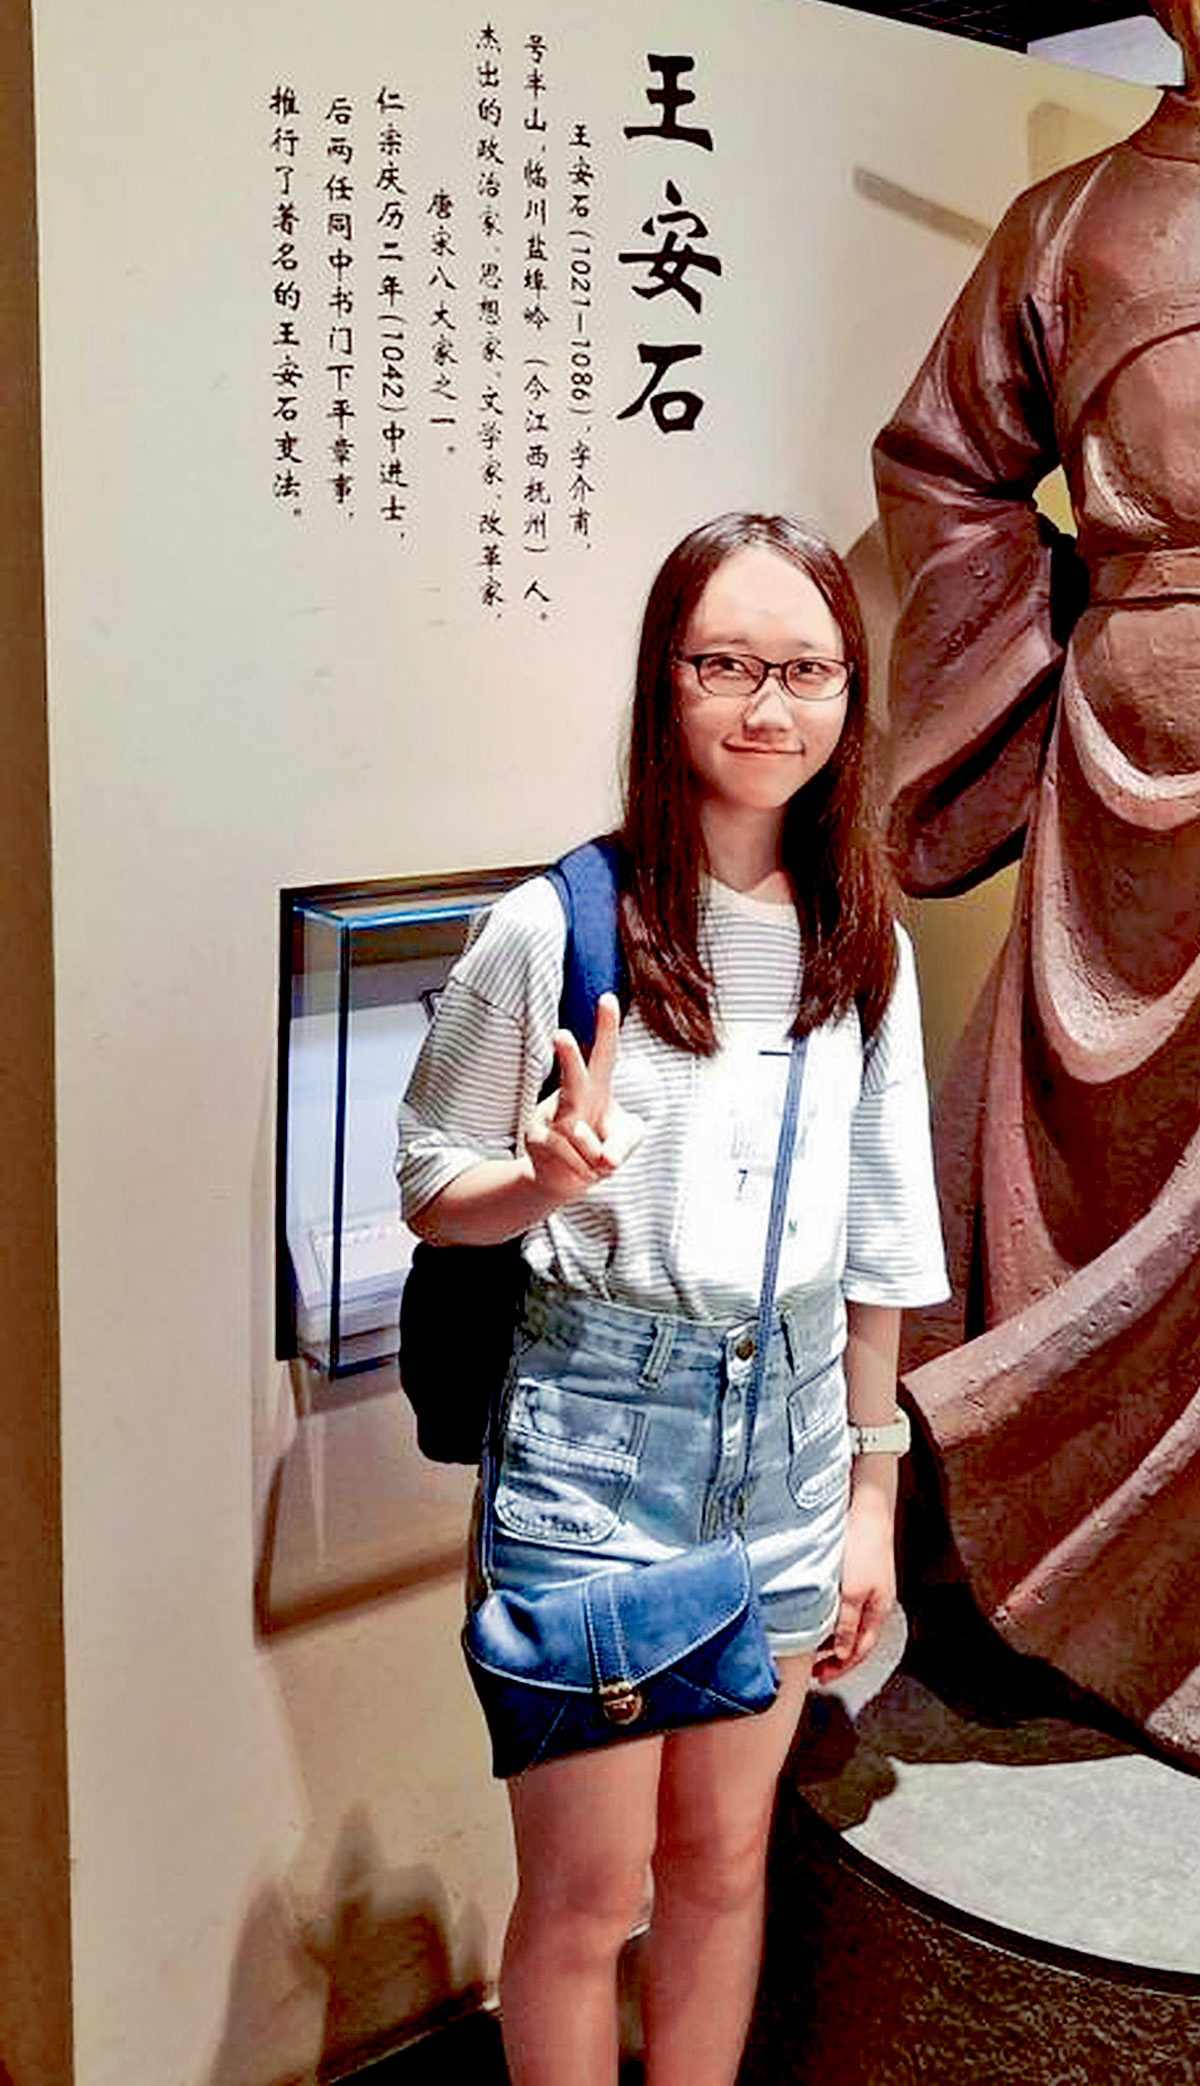 謝斯敏就讀道教聯合會鄧顯紀念中學,雖有嚴重視障,但學習表現更勝一般學生。